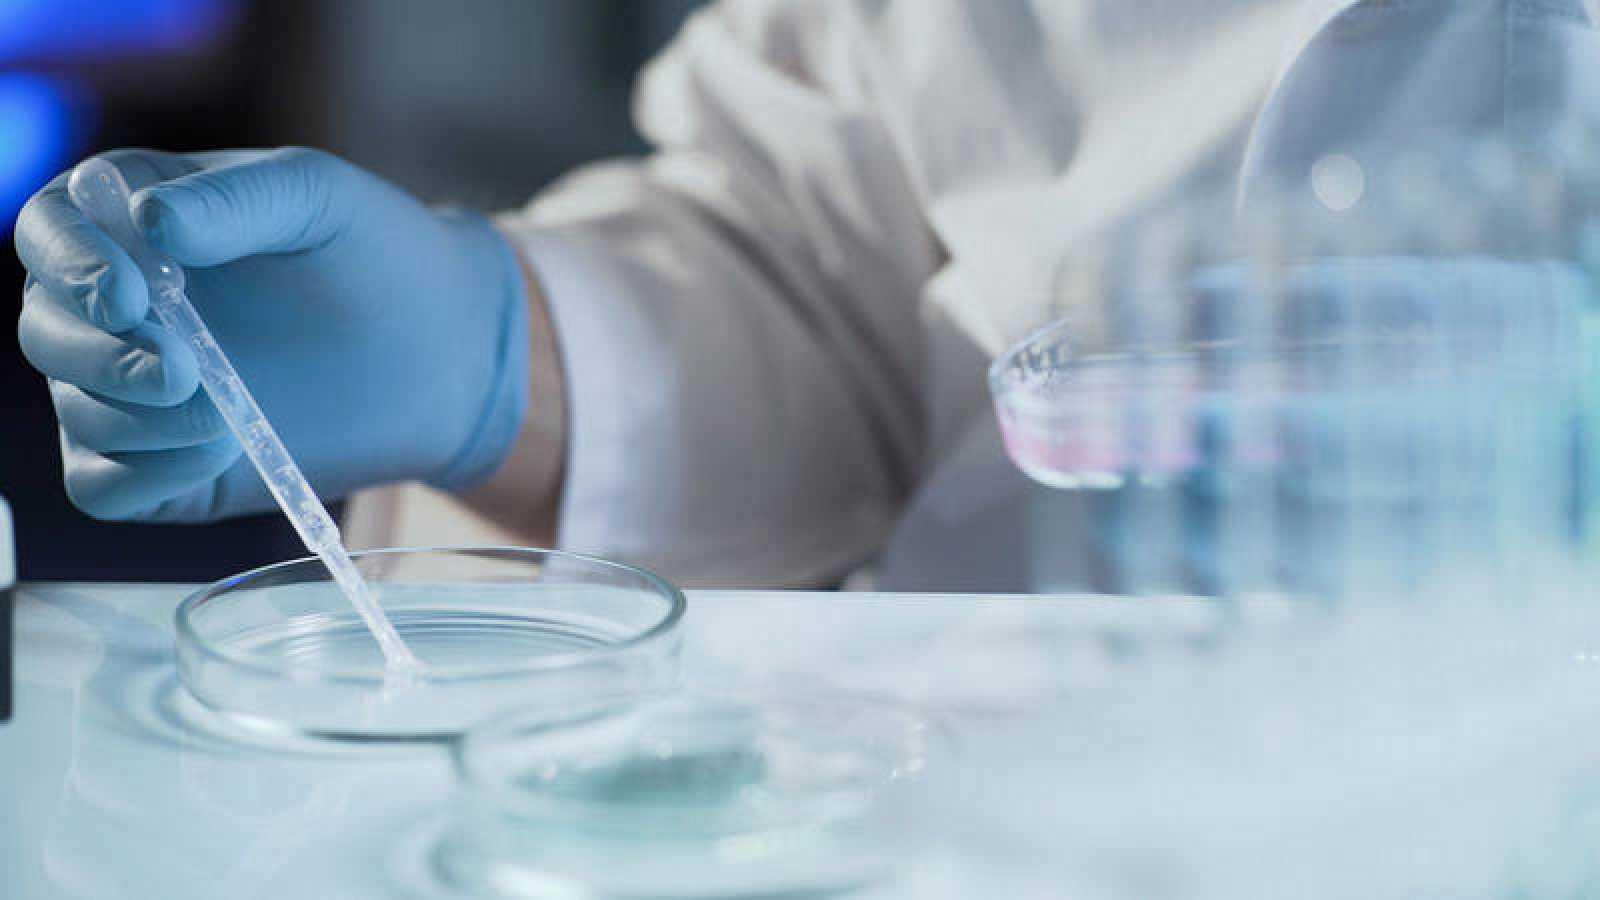 La edición genética podría ser un enfoque nuevo y prometedor para tratar las enfermedades pulmonares antes del nacimiento.